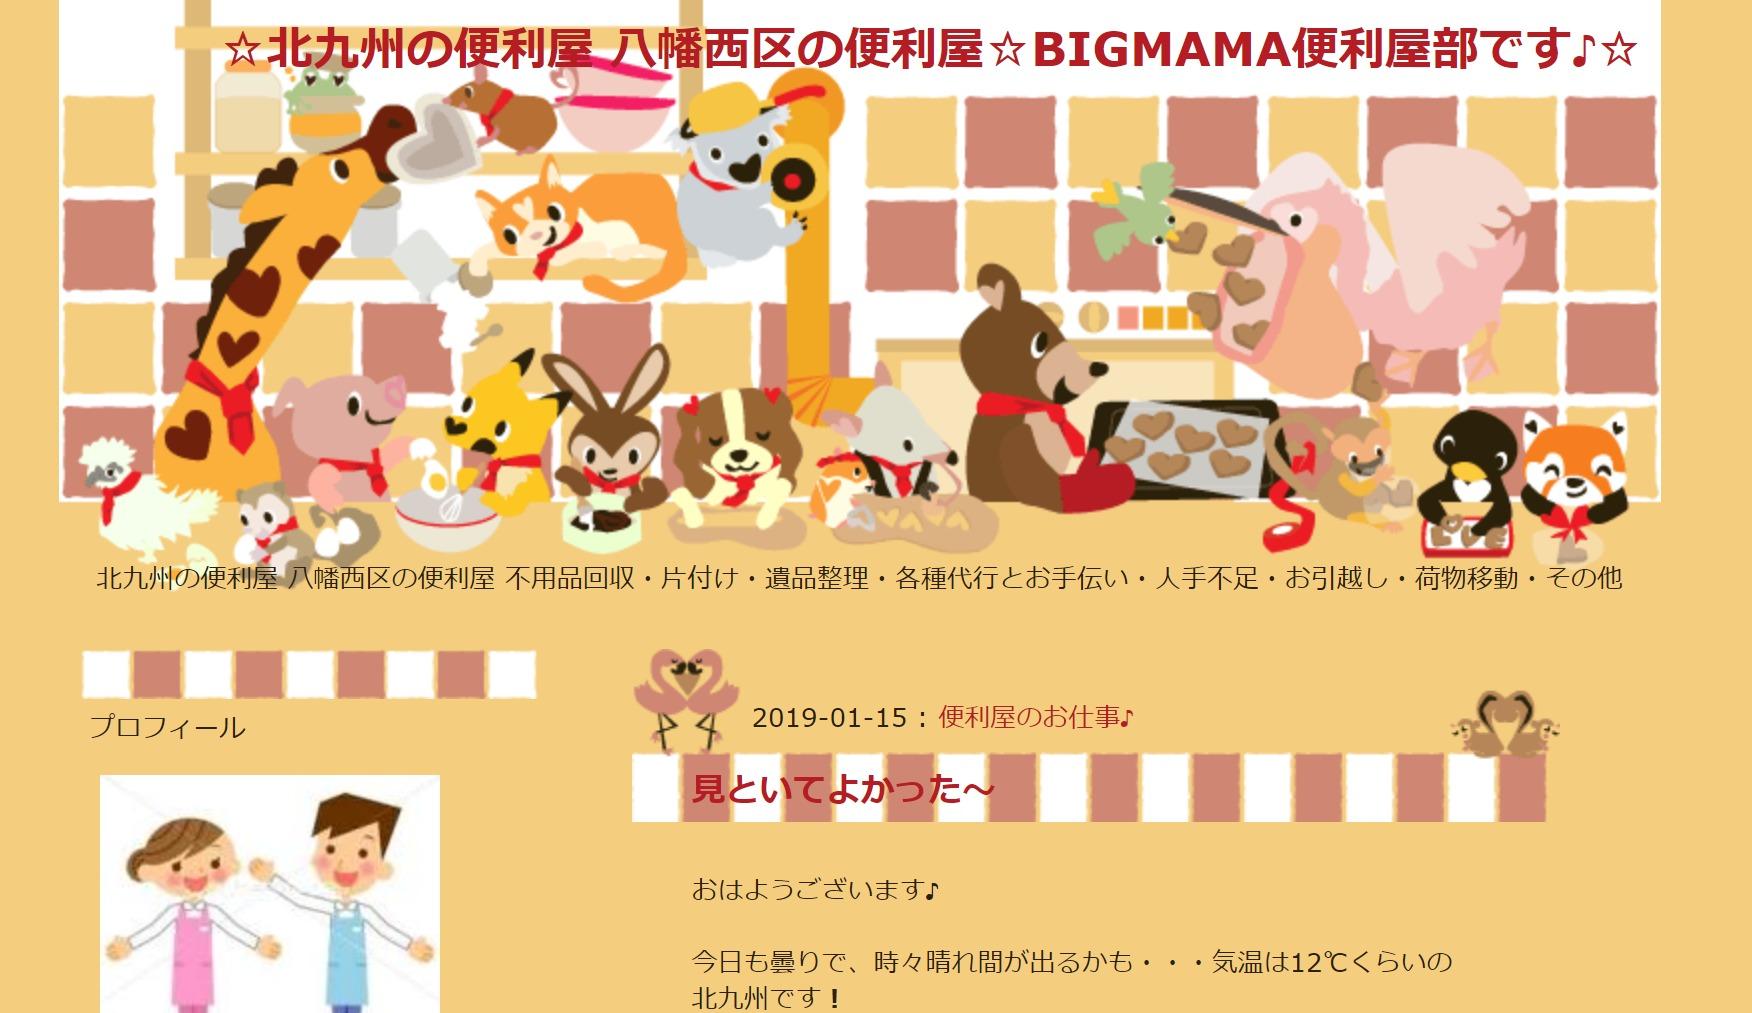 便利屋BIGMAMA(福岡県北九州市八幡西区)